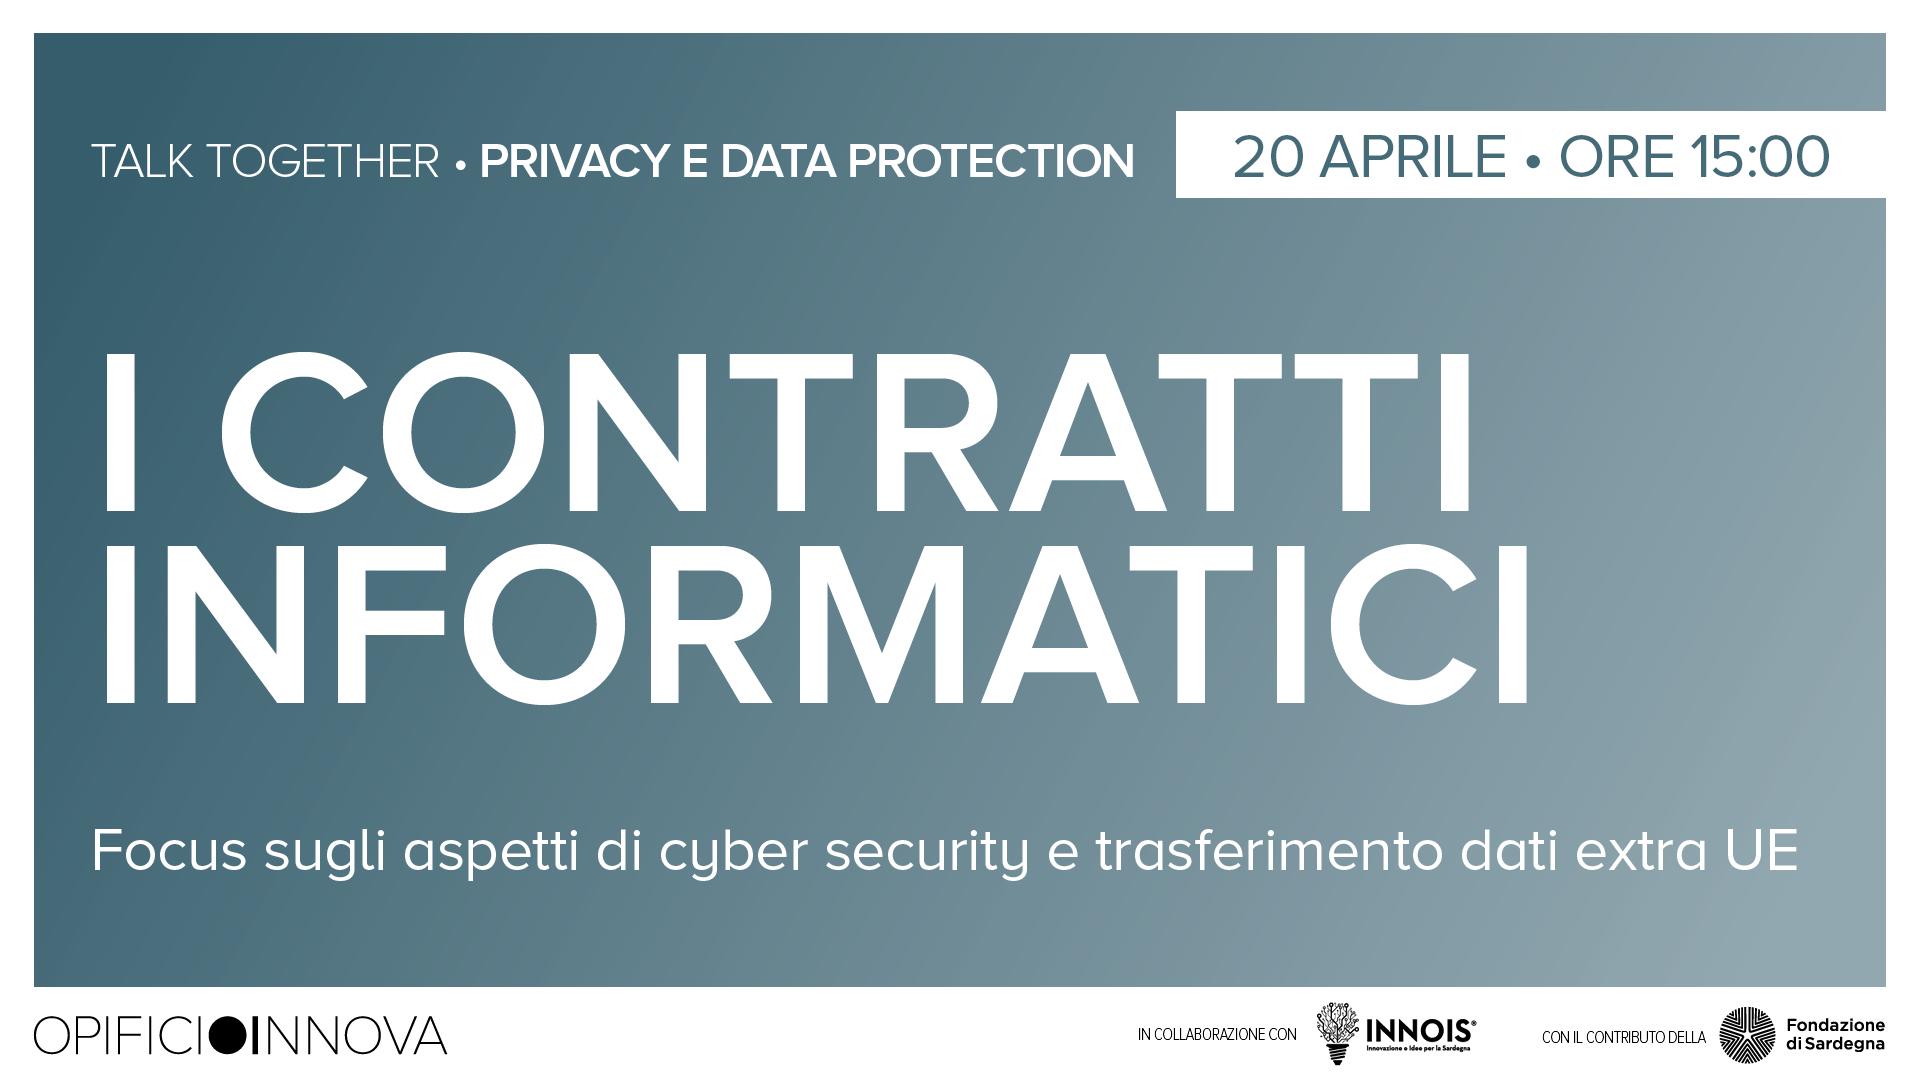 I contratti informatici </br>20-04-2021 ore 15:00